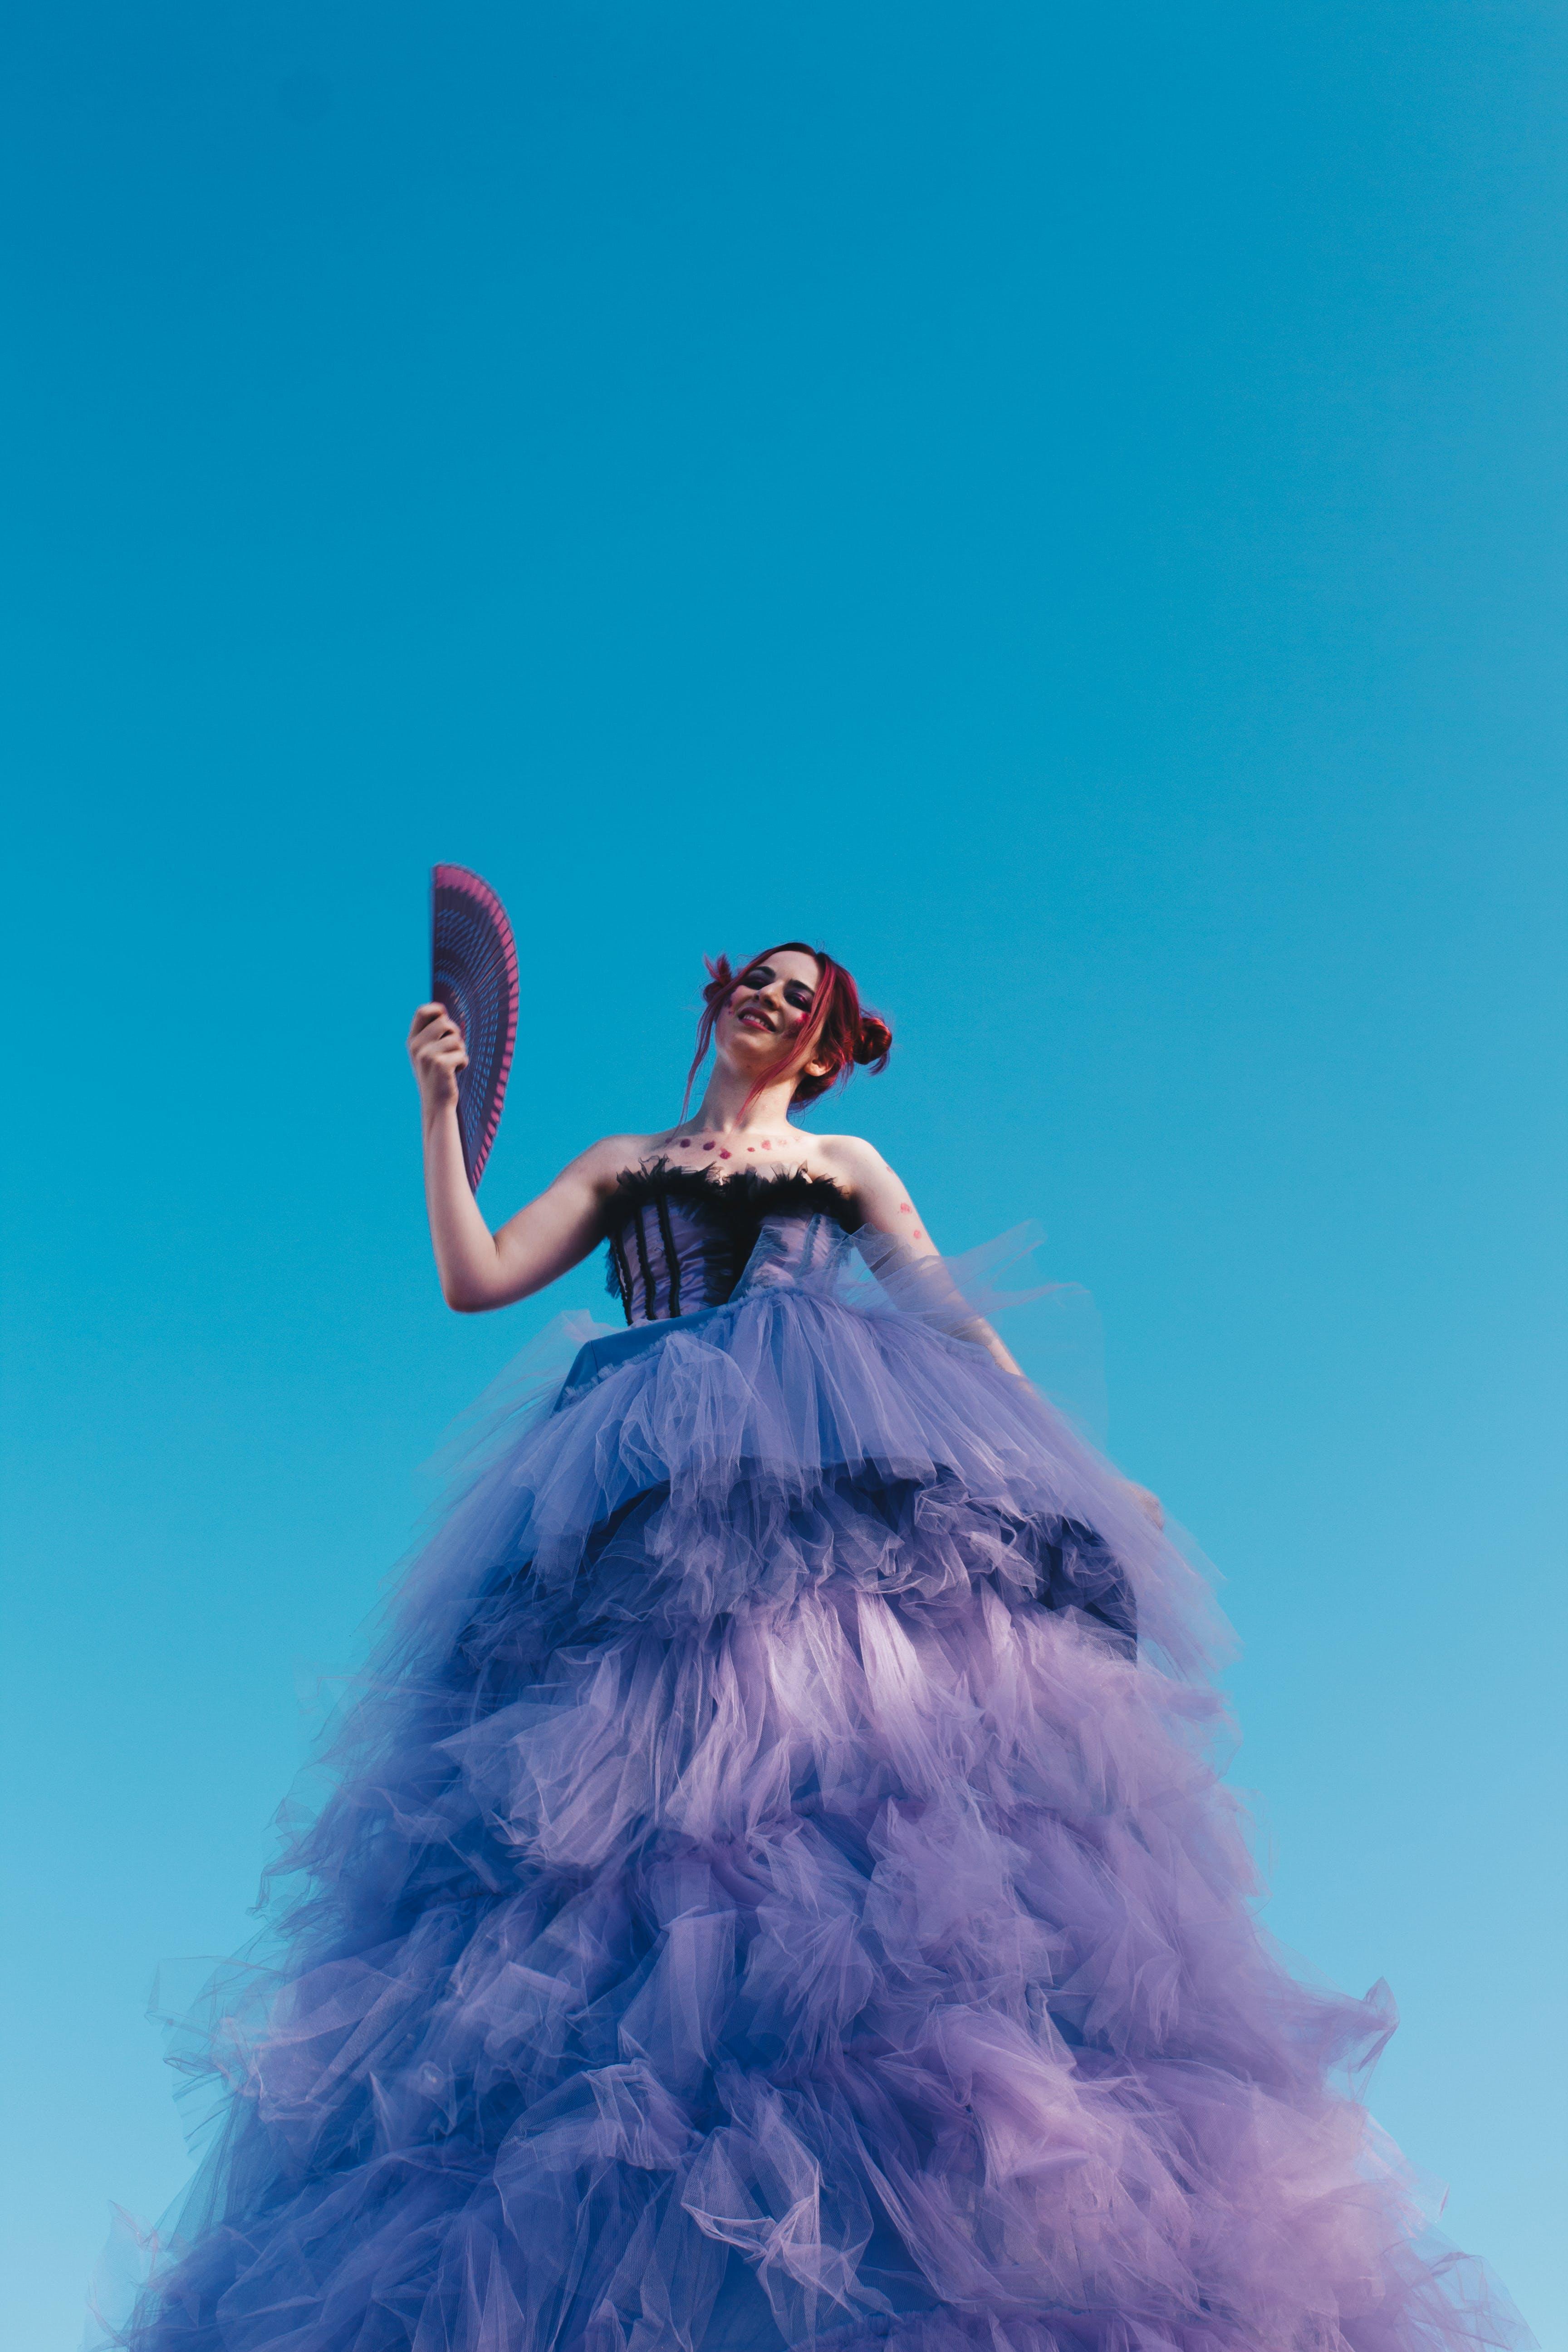 Gratis stockfoto met actie, bedacht, blauw, blauwe lucht